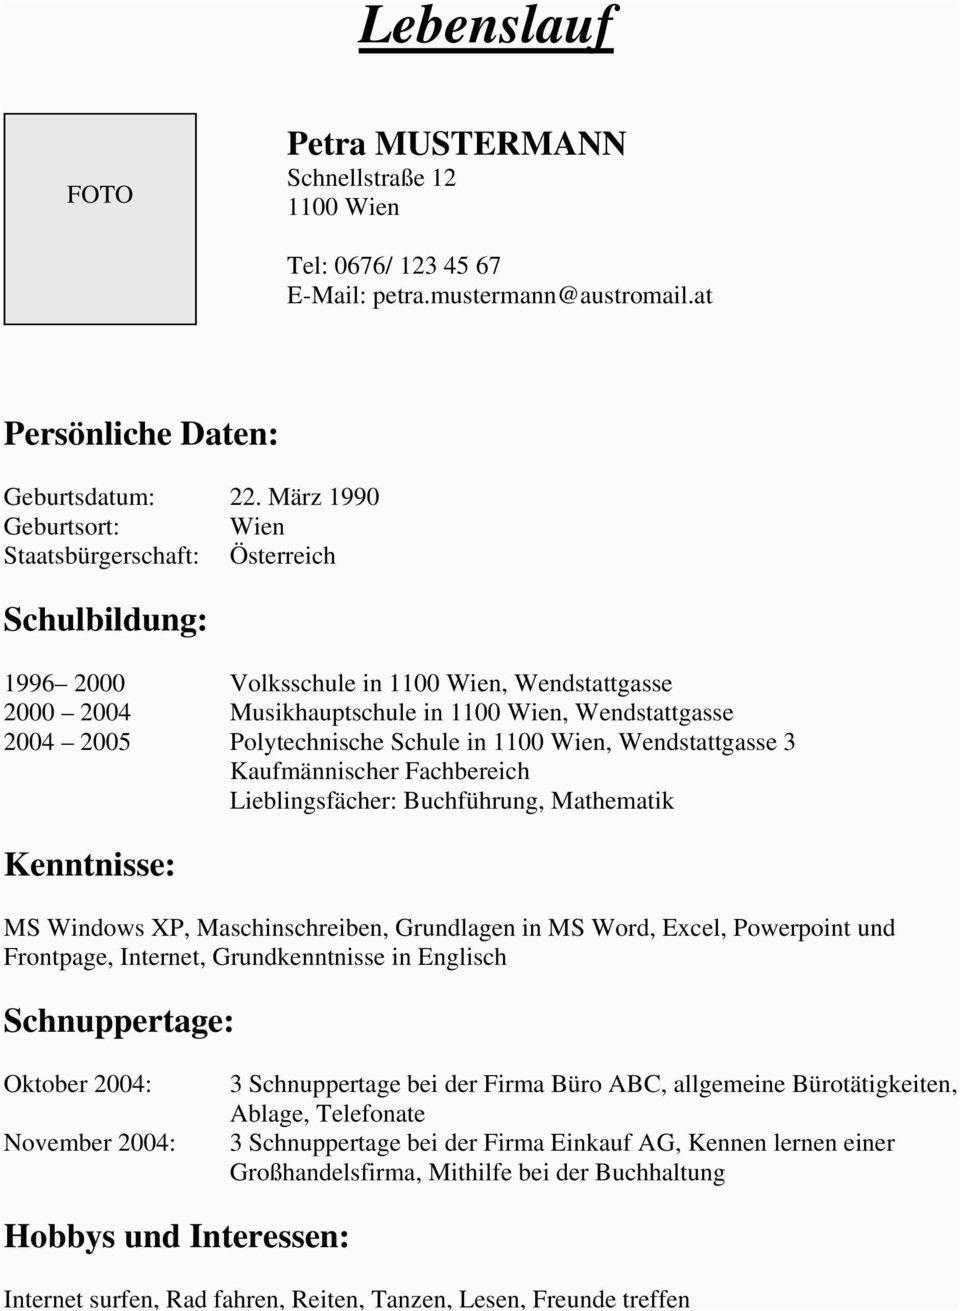 Lebenslauf Klassisch Jena Lebenslauf Bewerbung Schreiben Lebenslauf Muster